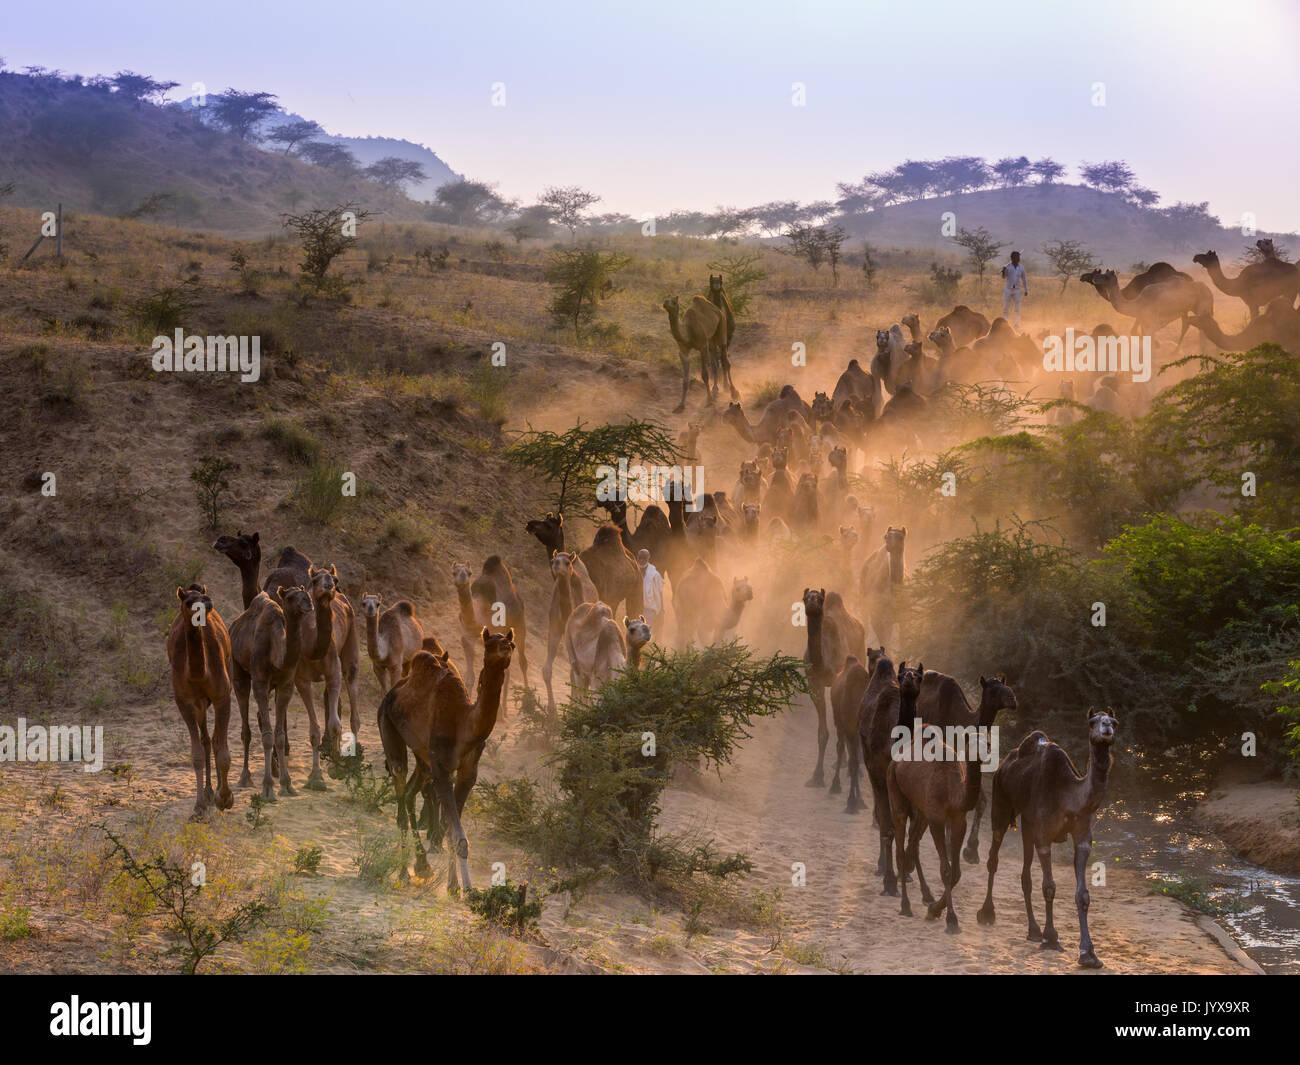 Los camellos en el camino a Pushkar Mela al atardecer, el mercado de camellos, Pushkar, Rajastán, India Imagen De Stock